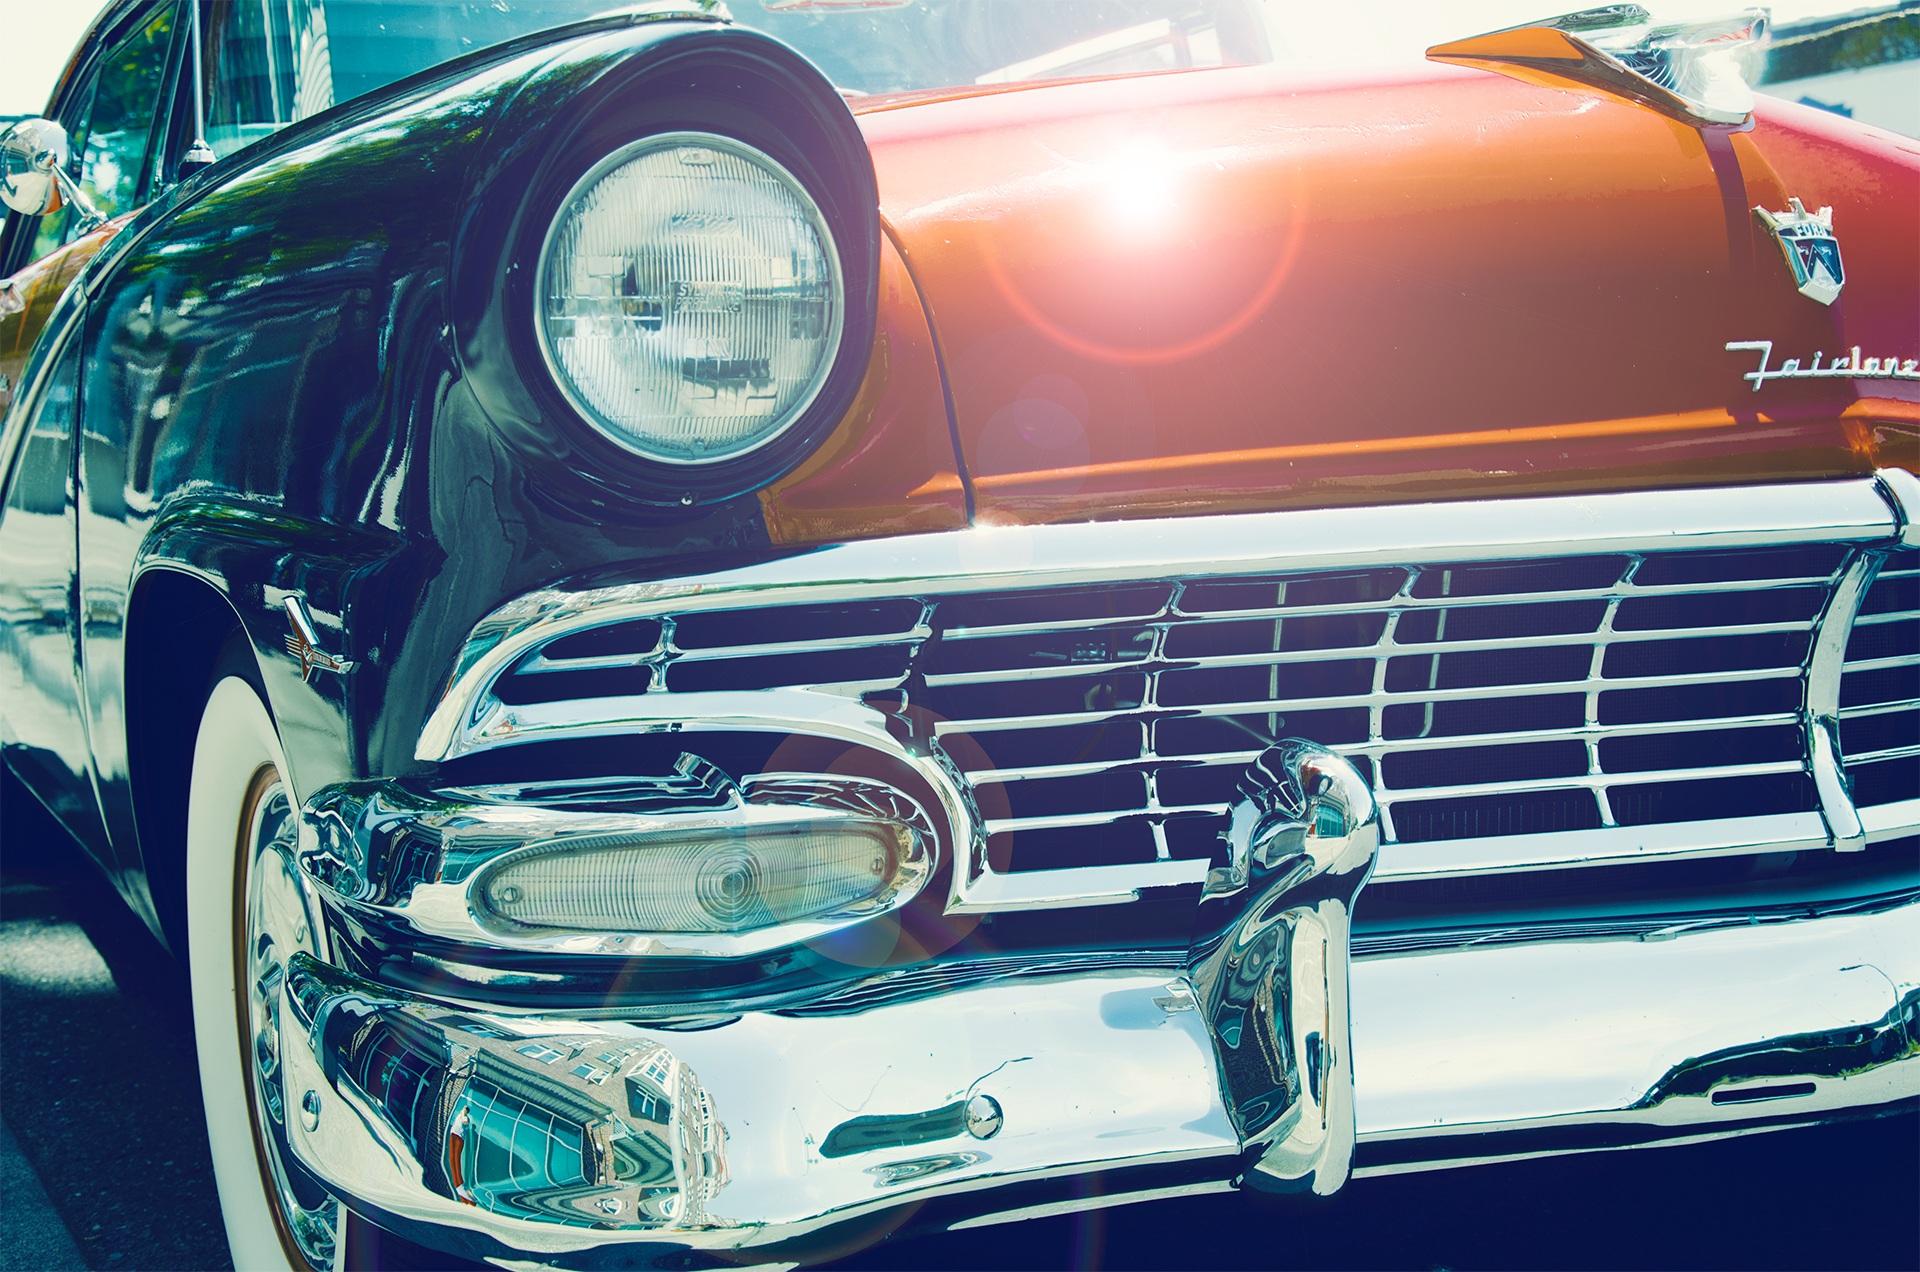 voiture, vieux, Classique, Vintage, Ford - Fonds d'écran HD - Professor-falken.com